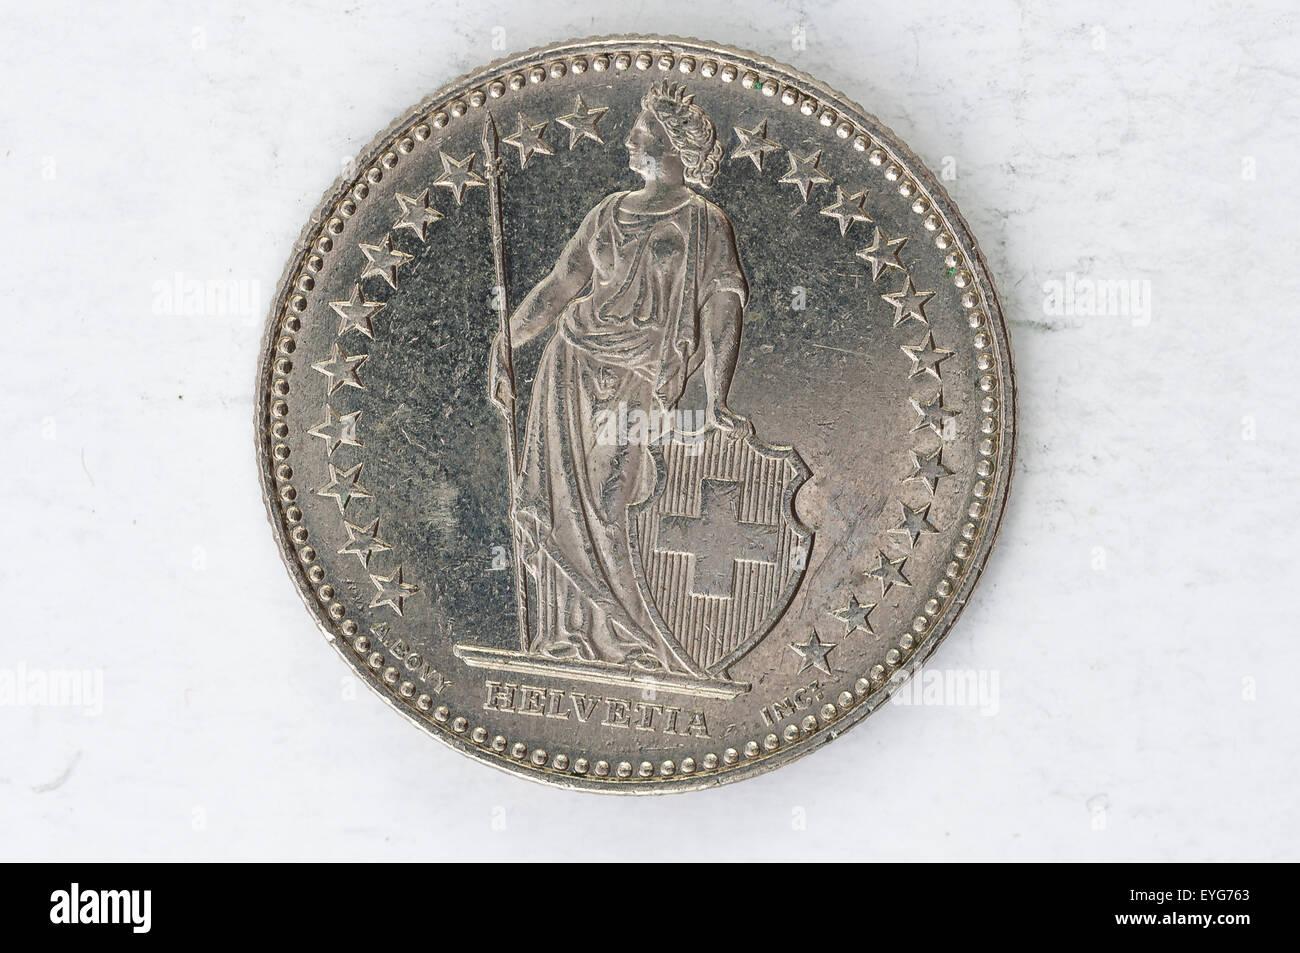 5 Der Schweiz Franken Münze 1965 Silber Verwendet Sehen Fünf